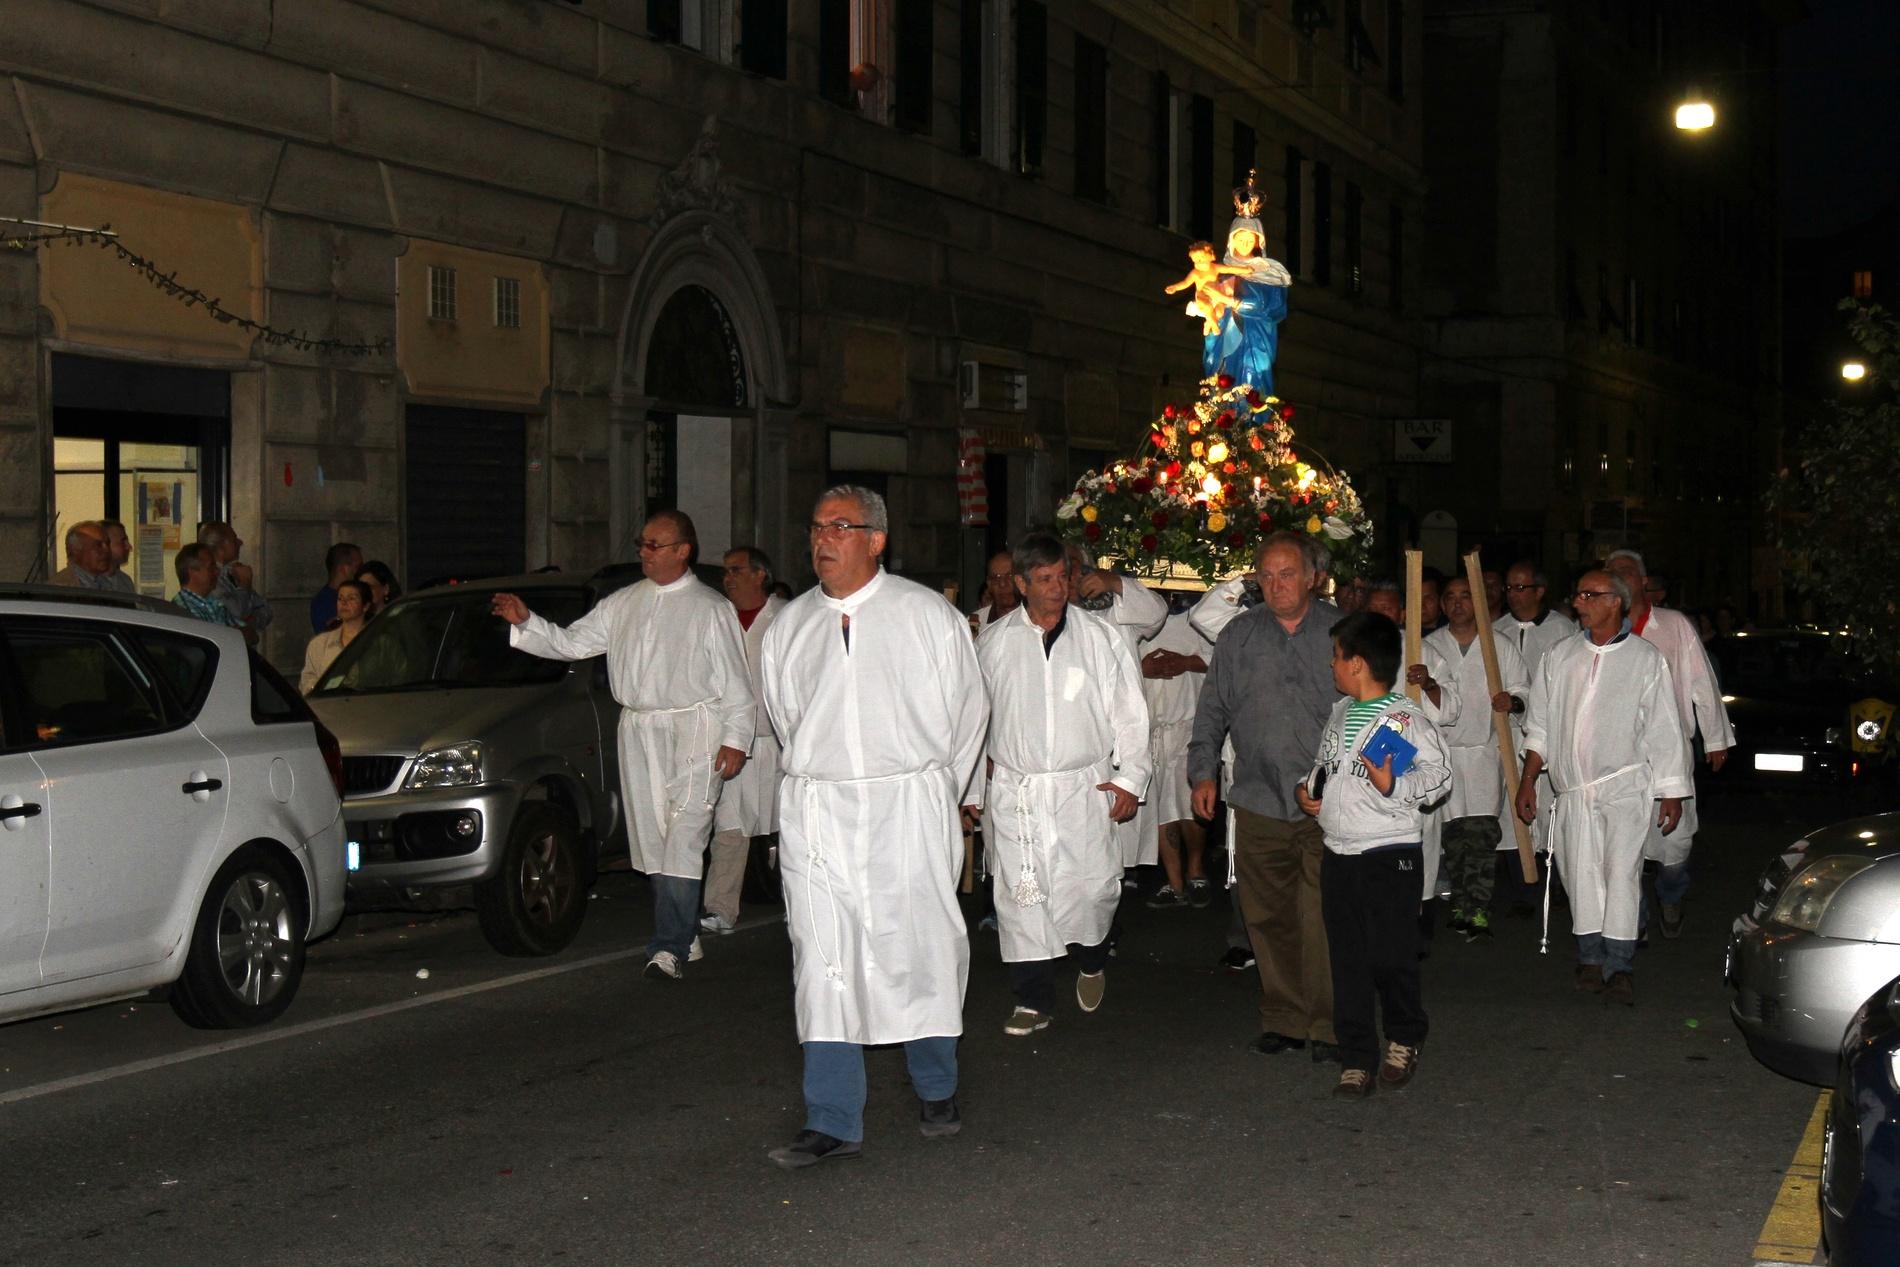 processione-madonna-2015-05-31-21-35-16